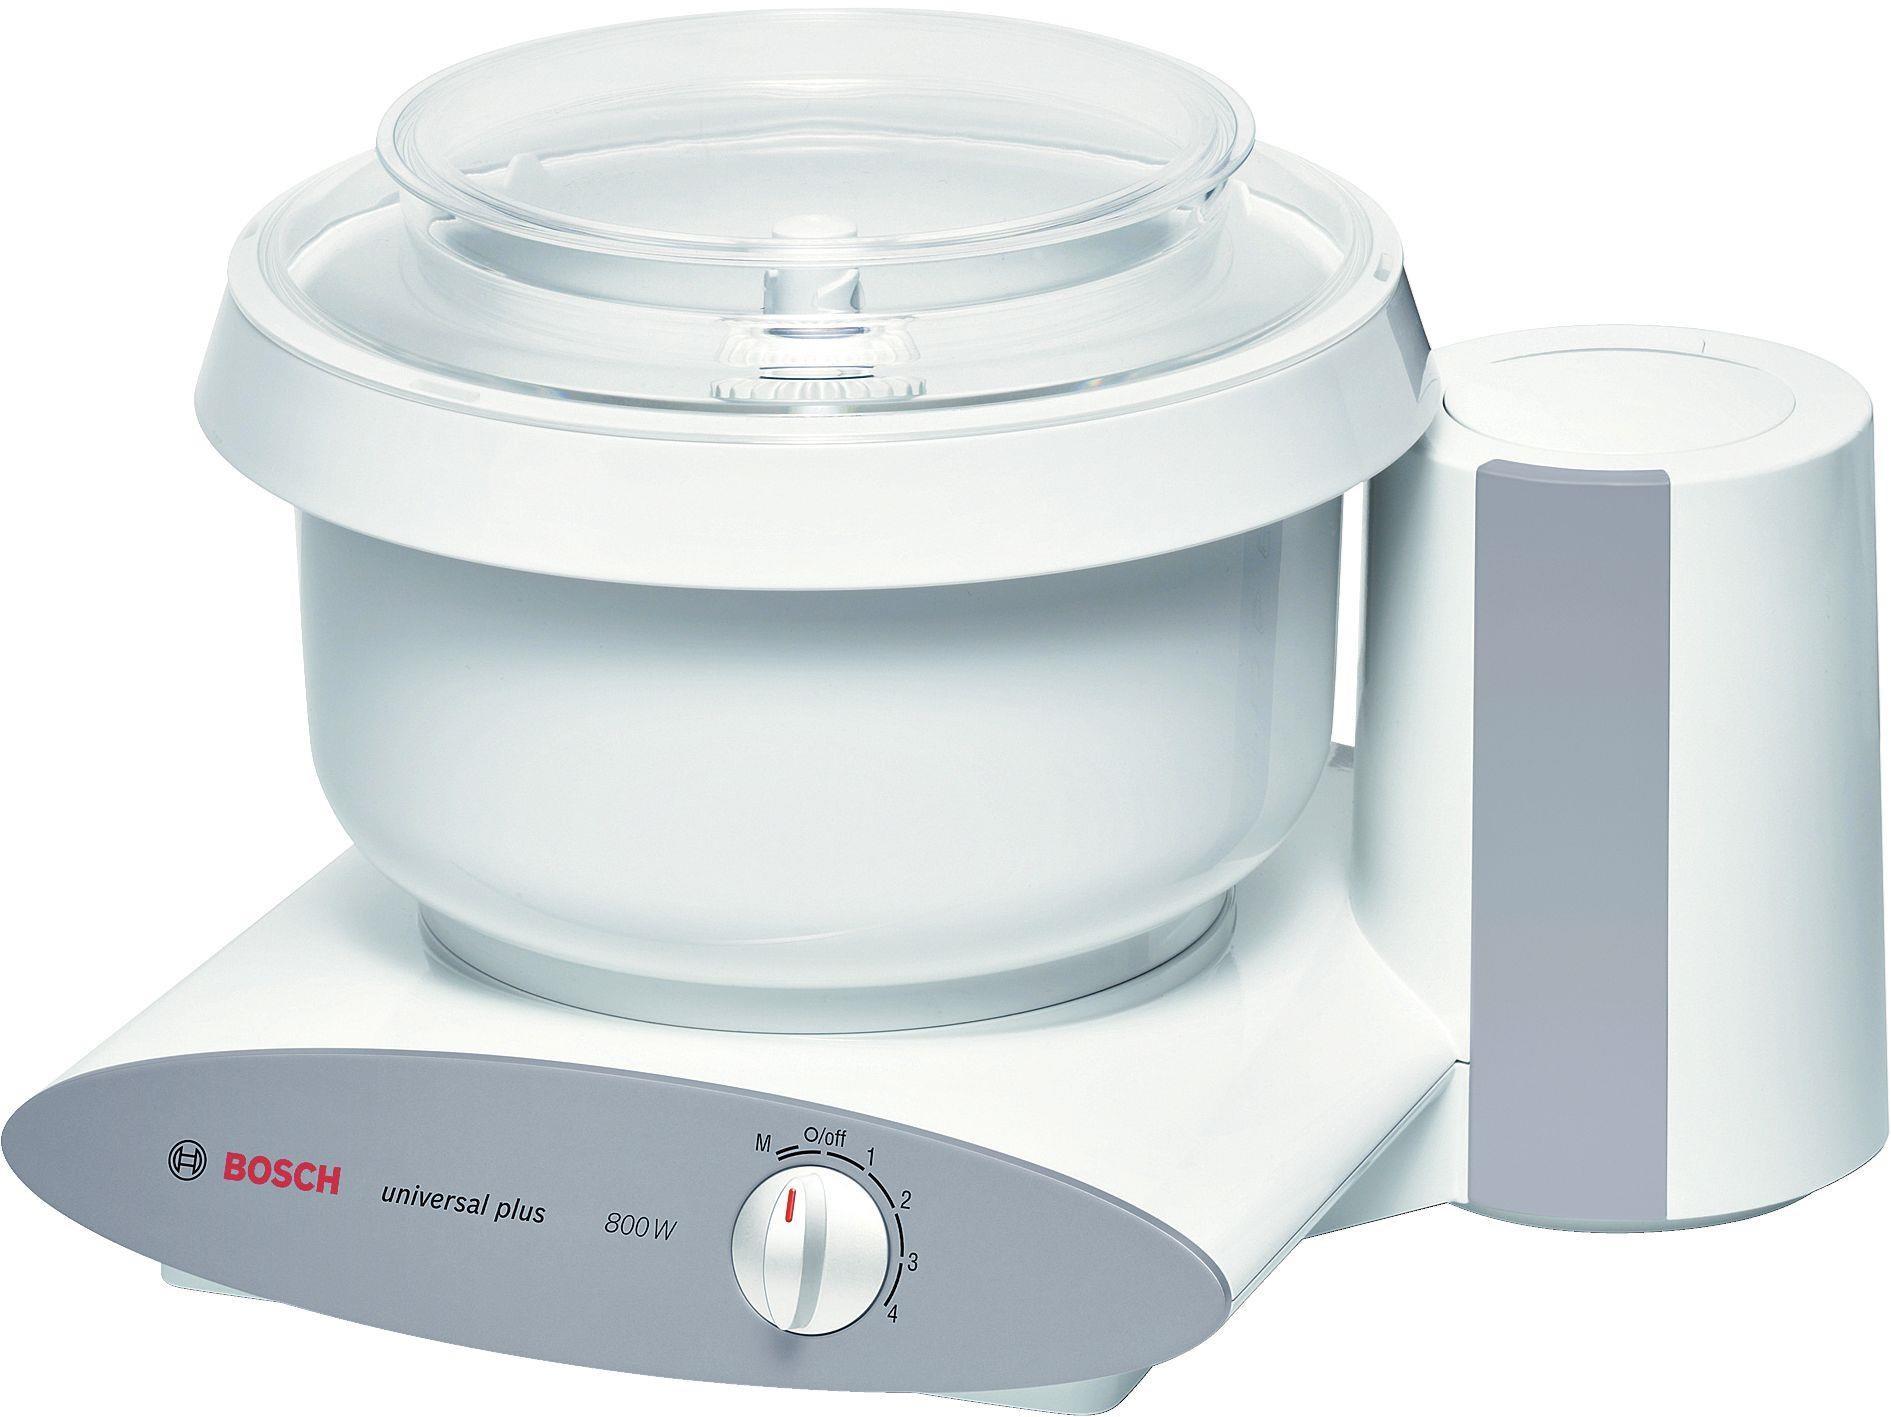 Bosch Universal Plus Kitchen Machine without Blender - White ...